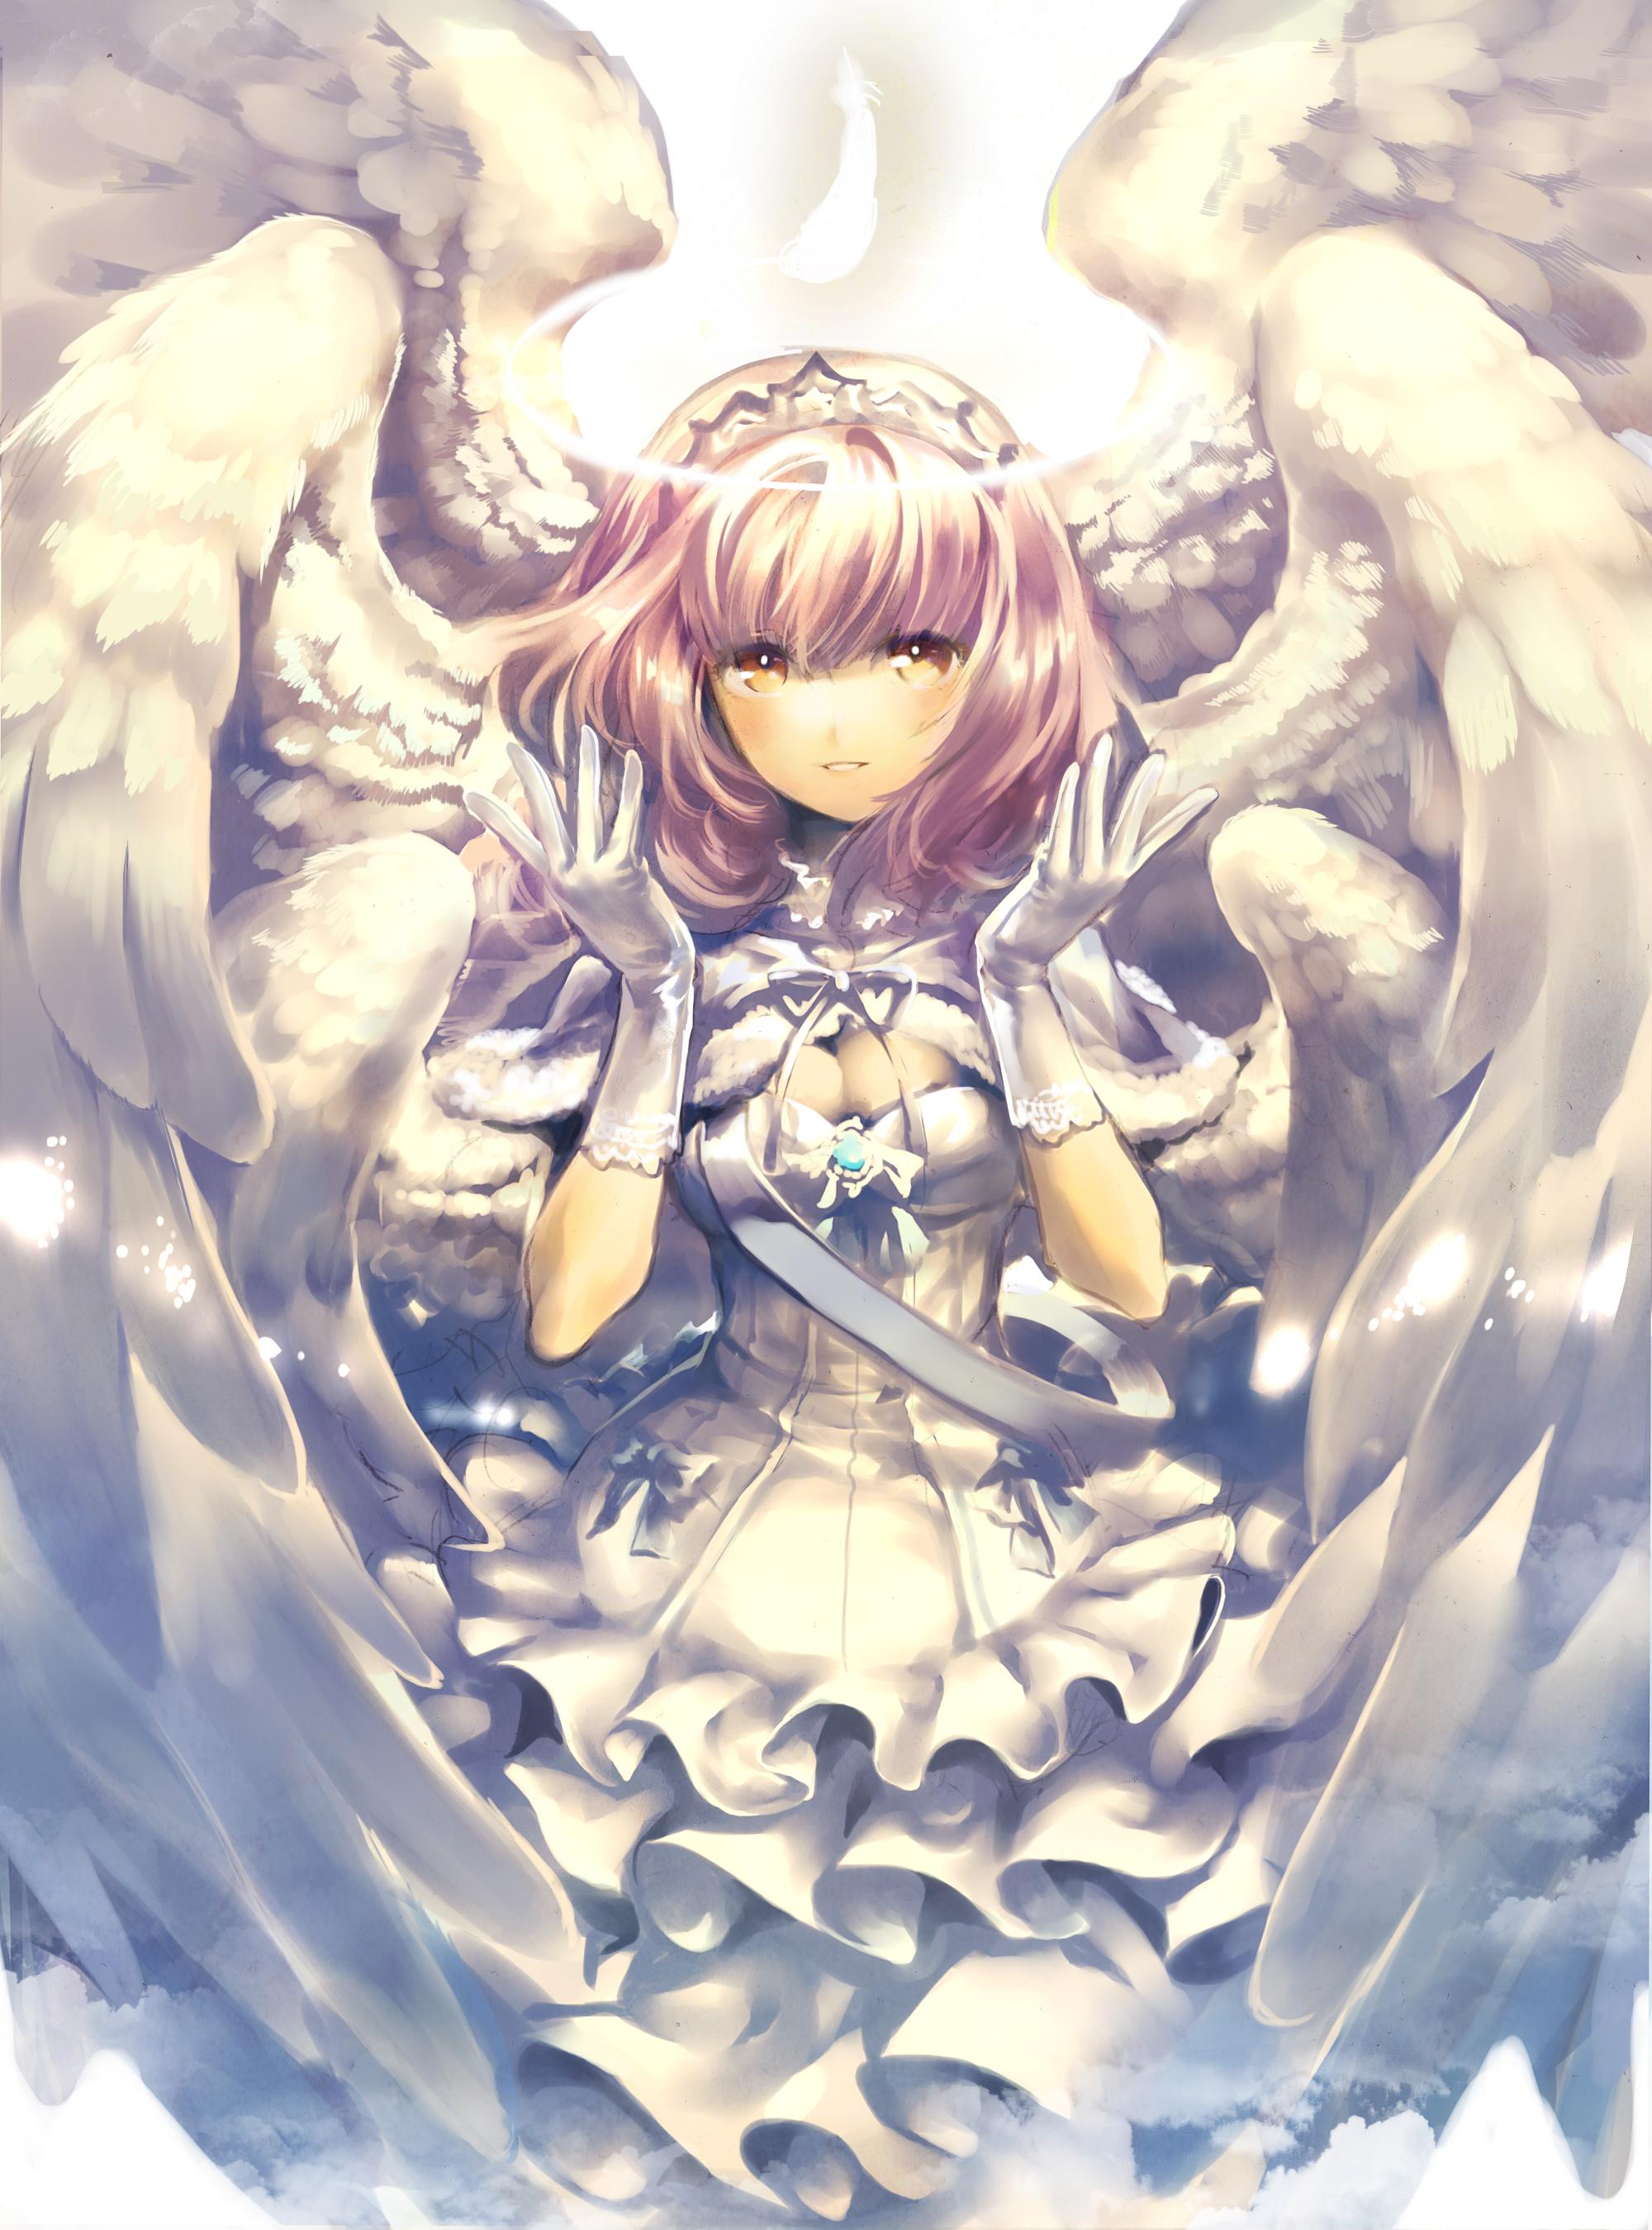 Картинки с аниме девочками ангелами, сестренке